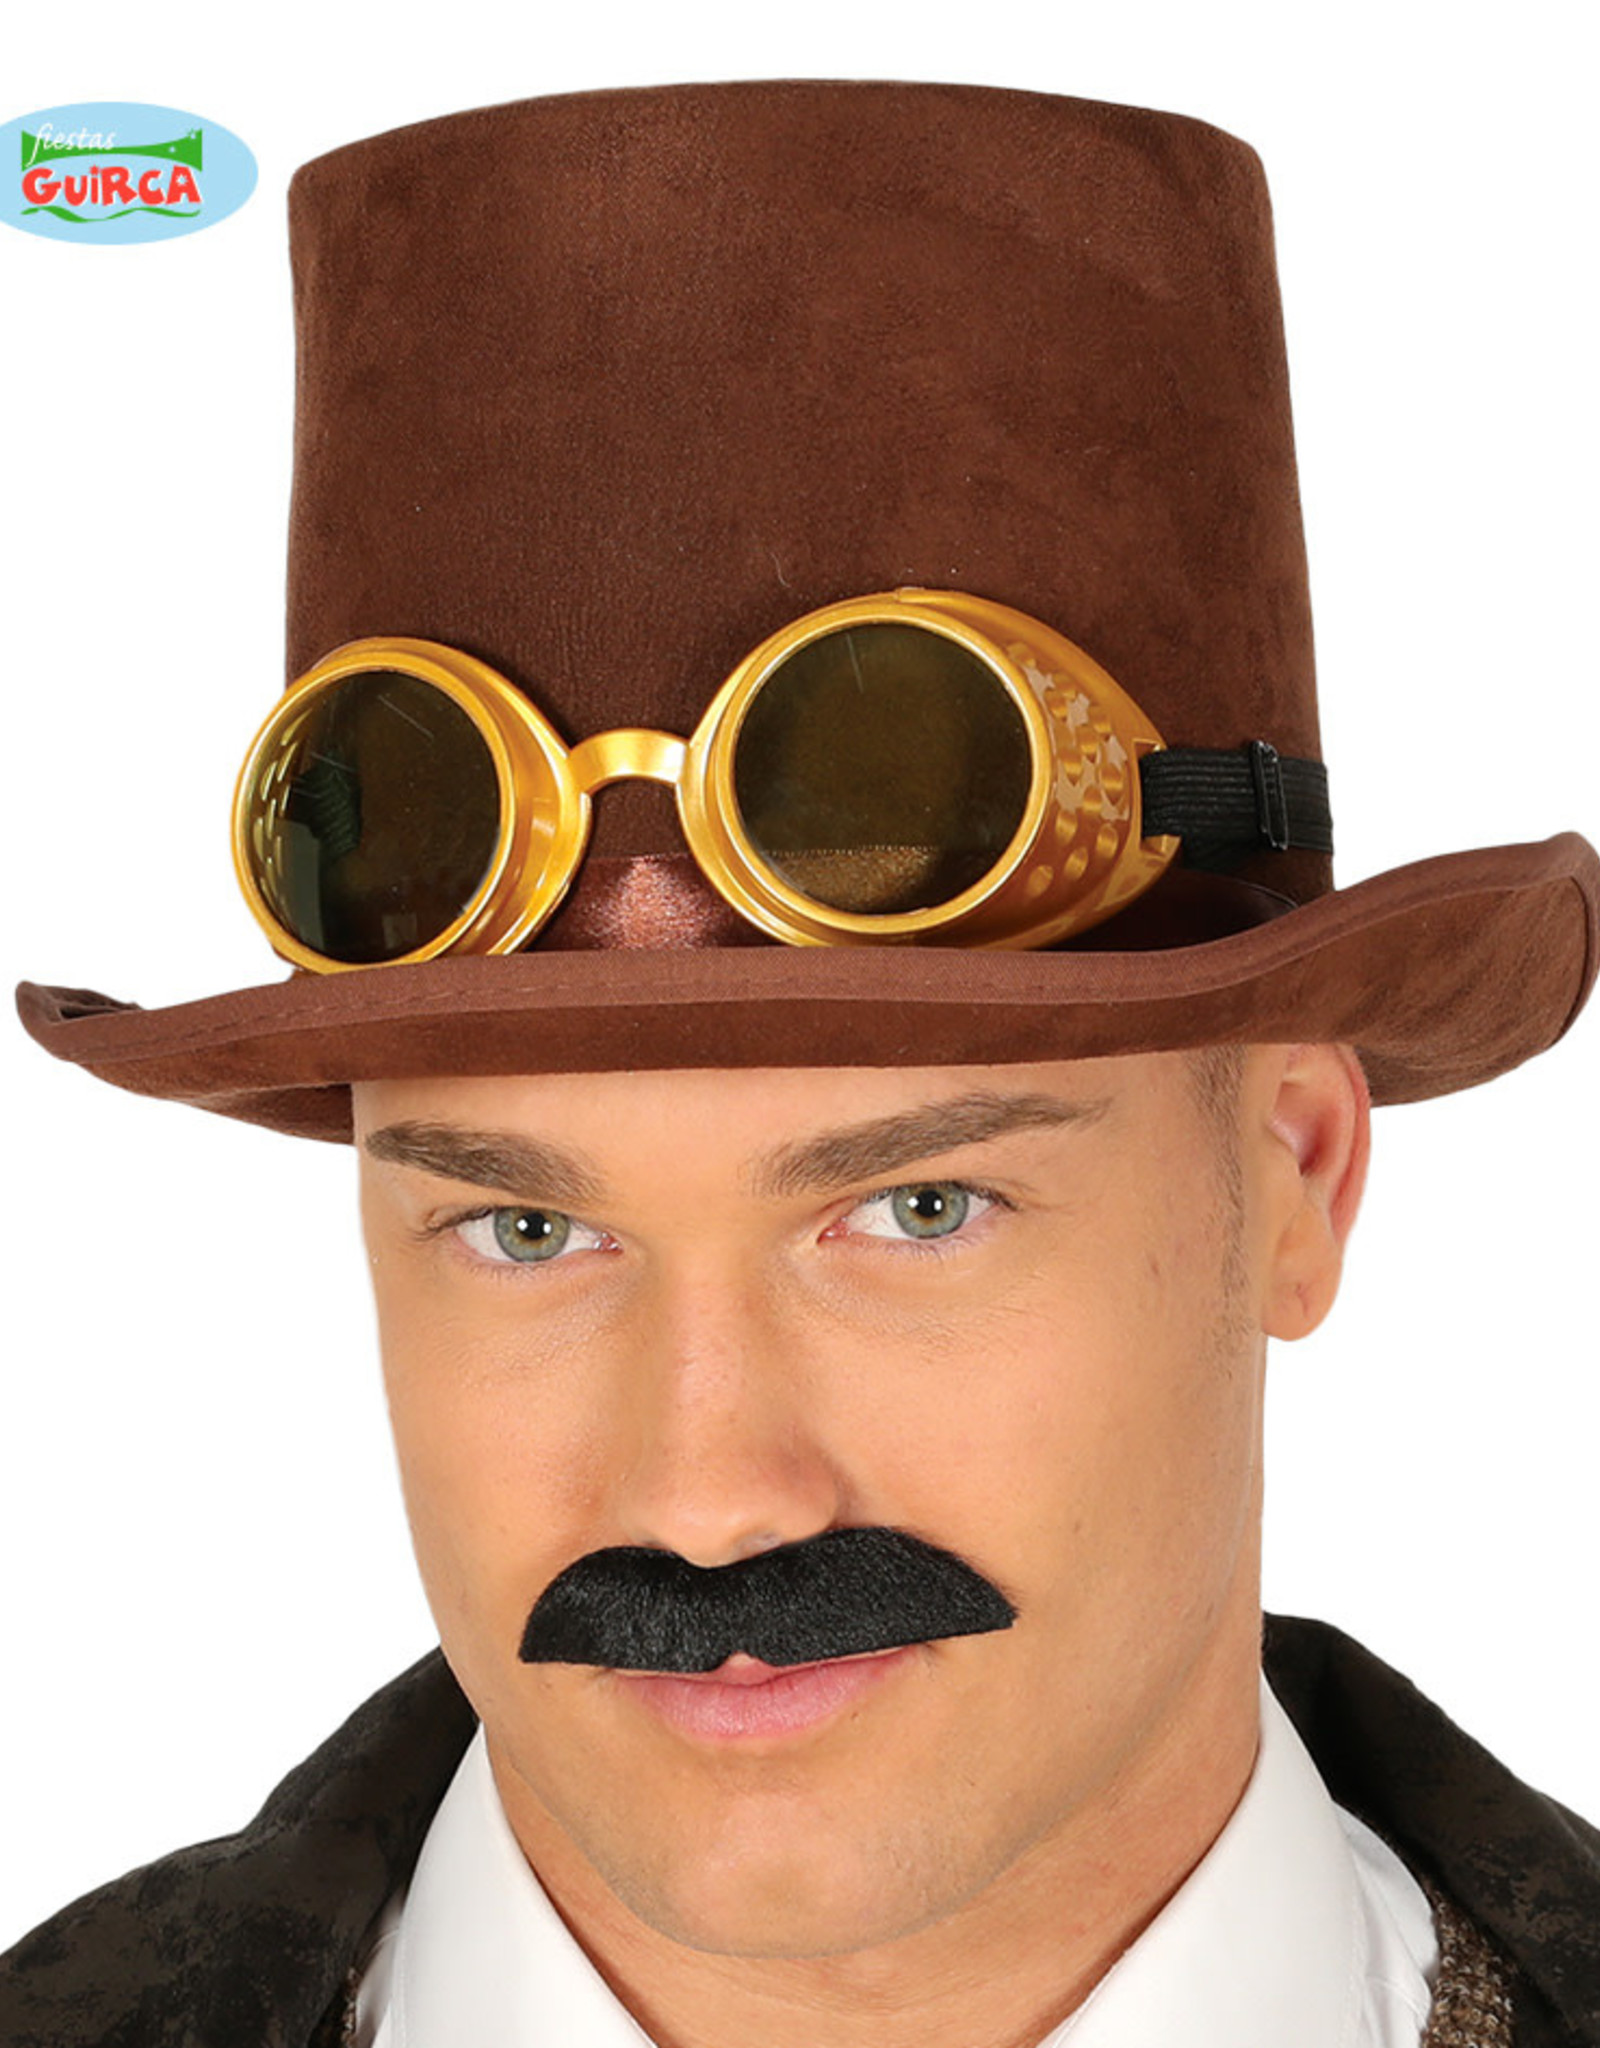 FIESTAS GUIRCA hoge hoed bruin met bril